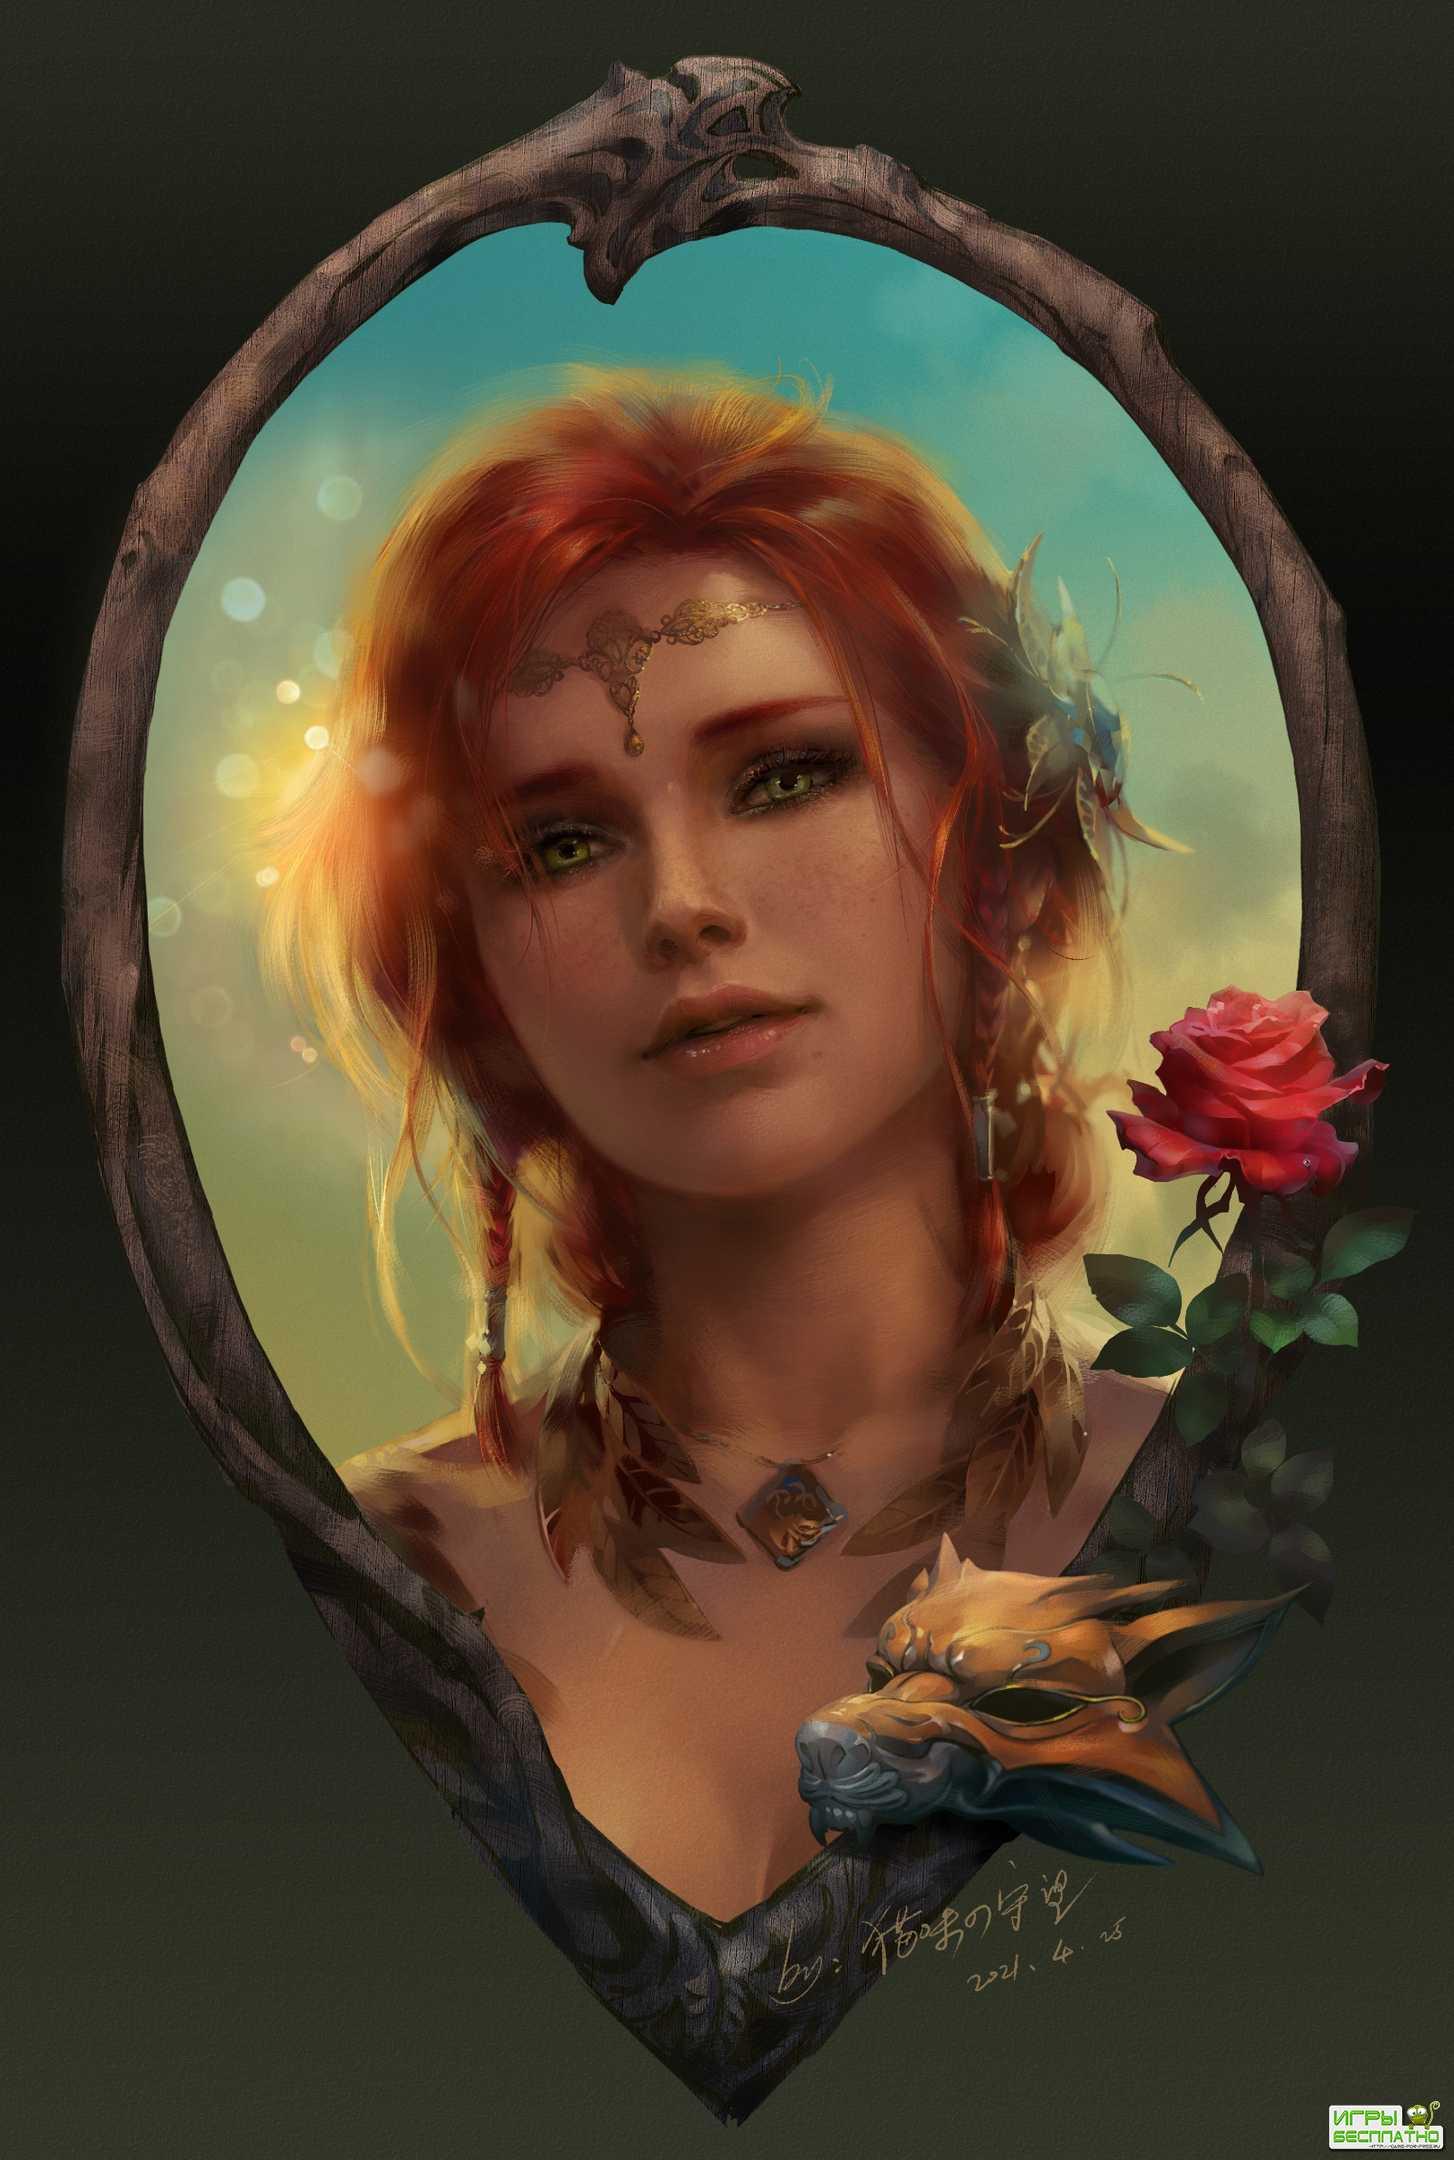 CD Projekt RED понравился фанатский портрет Трисс Меригольд